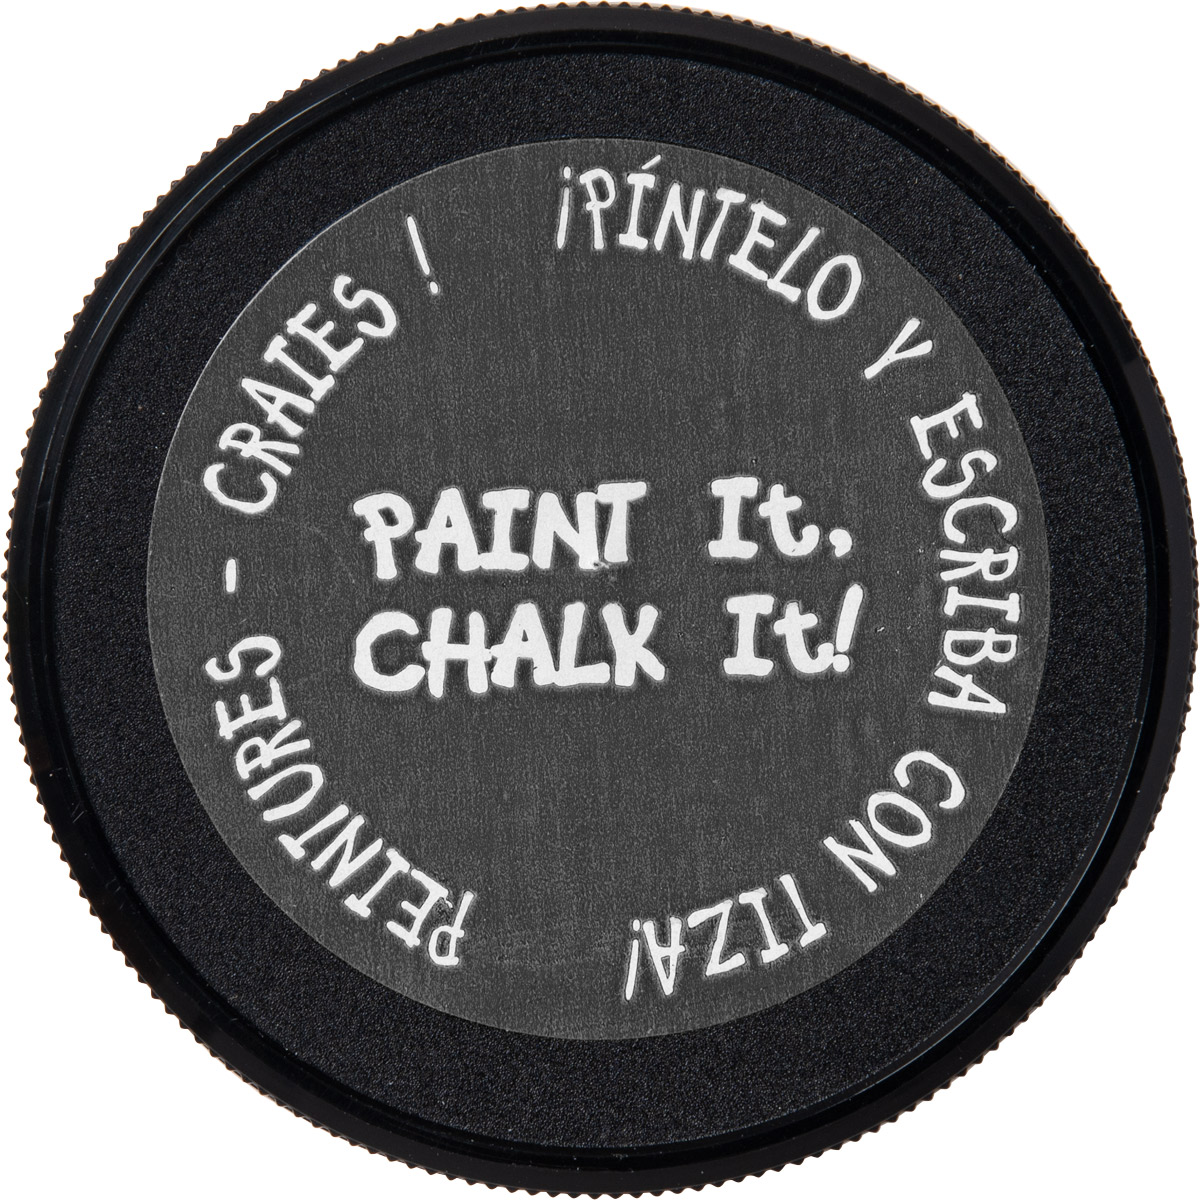 FolkArt ® Chalkboard Paint - Slate Gray, 8 oz.